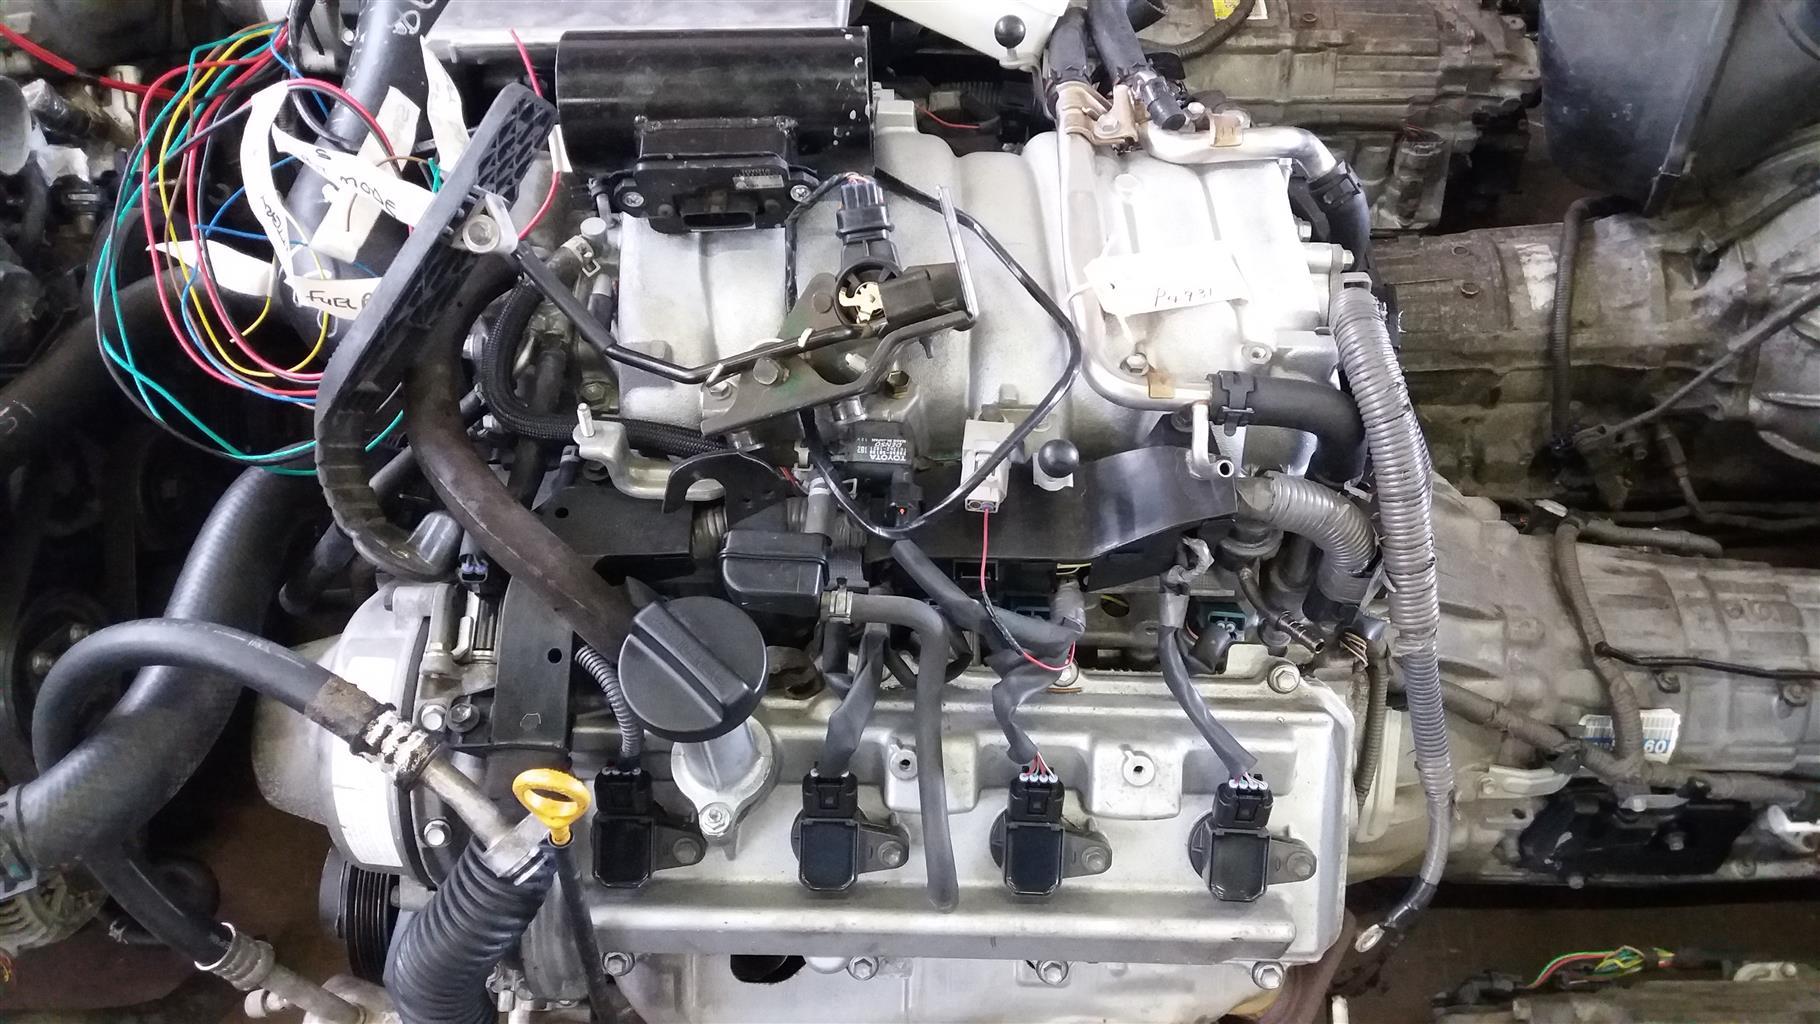 Lexus 4.3 V8 Prewired VVTi Engine & 6 Speed Auto Gearbox # 3UZ